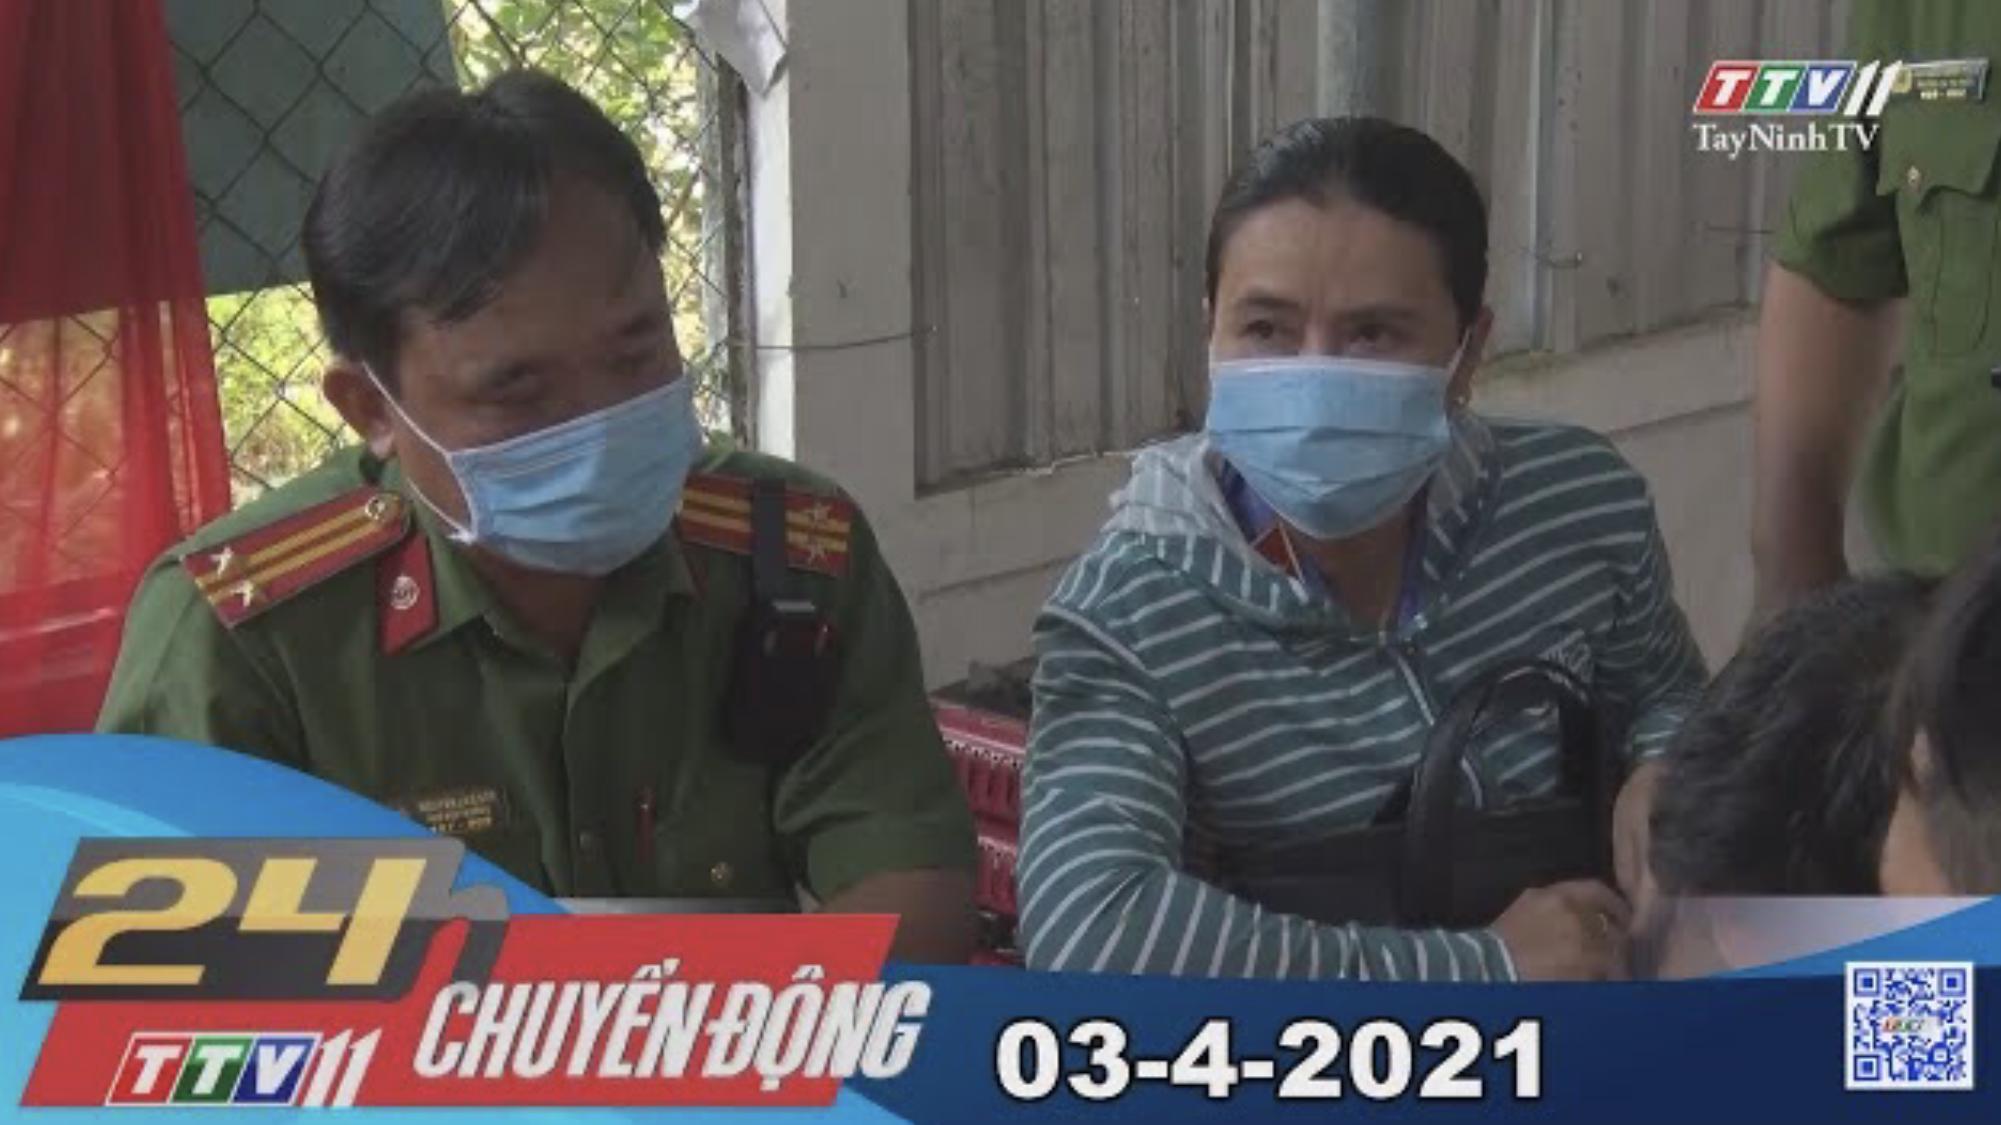 24h Chuyển động 03-4-2021 | Tin tức hôm nay | TayNinhTV